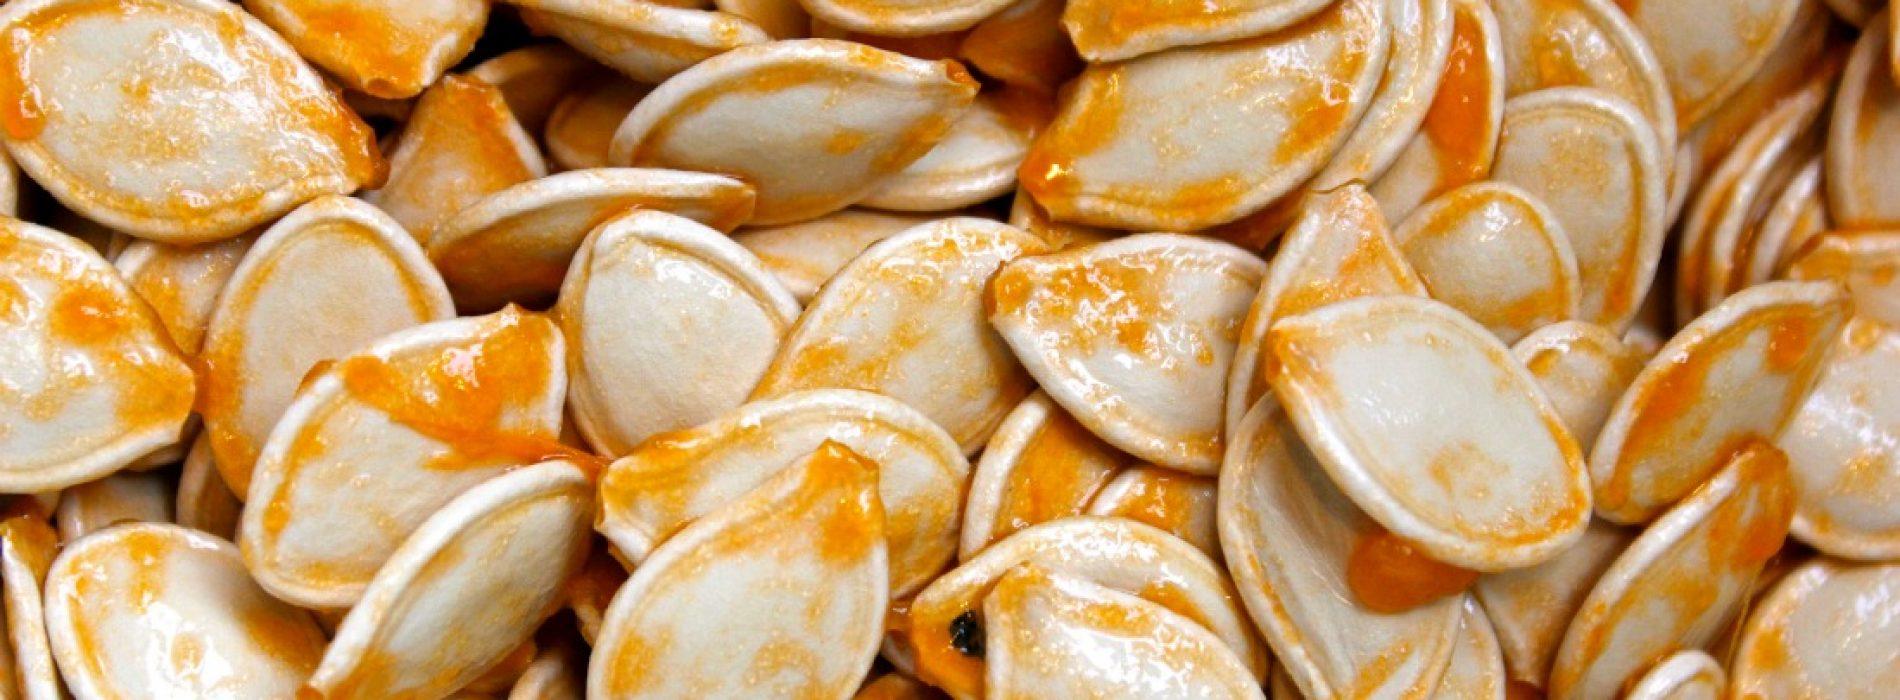 Het eten van voedingsrijke pompoenpitten kan helpen om de gezondheid van je hart te verbeteren